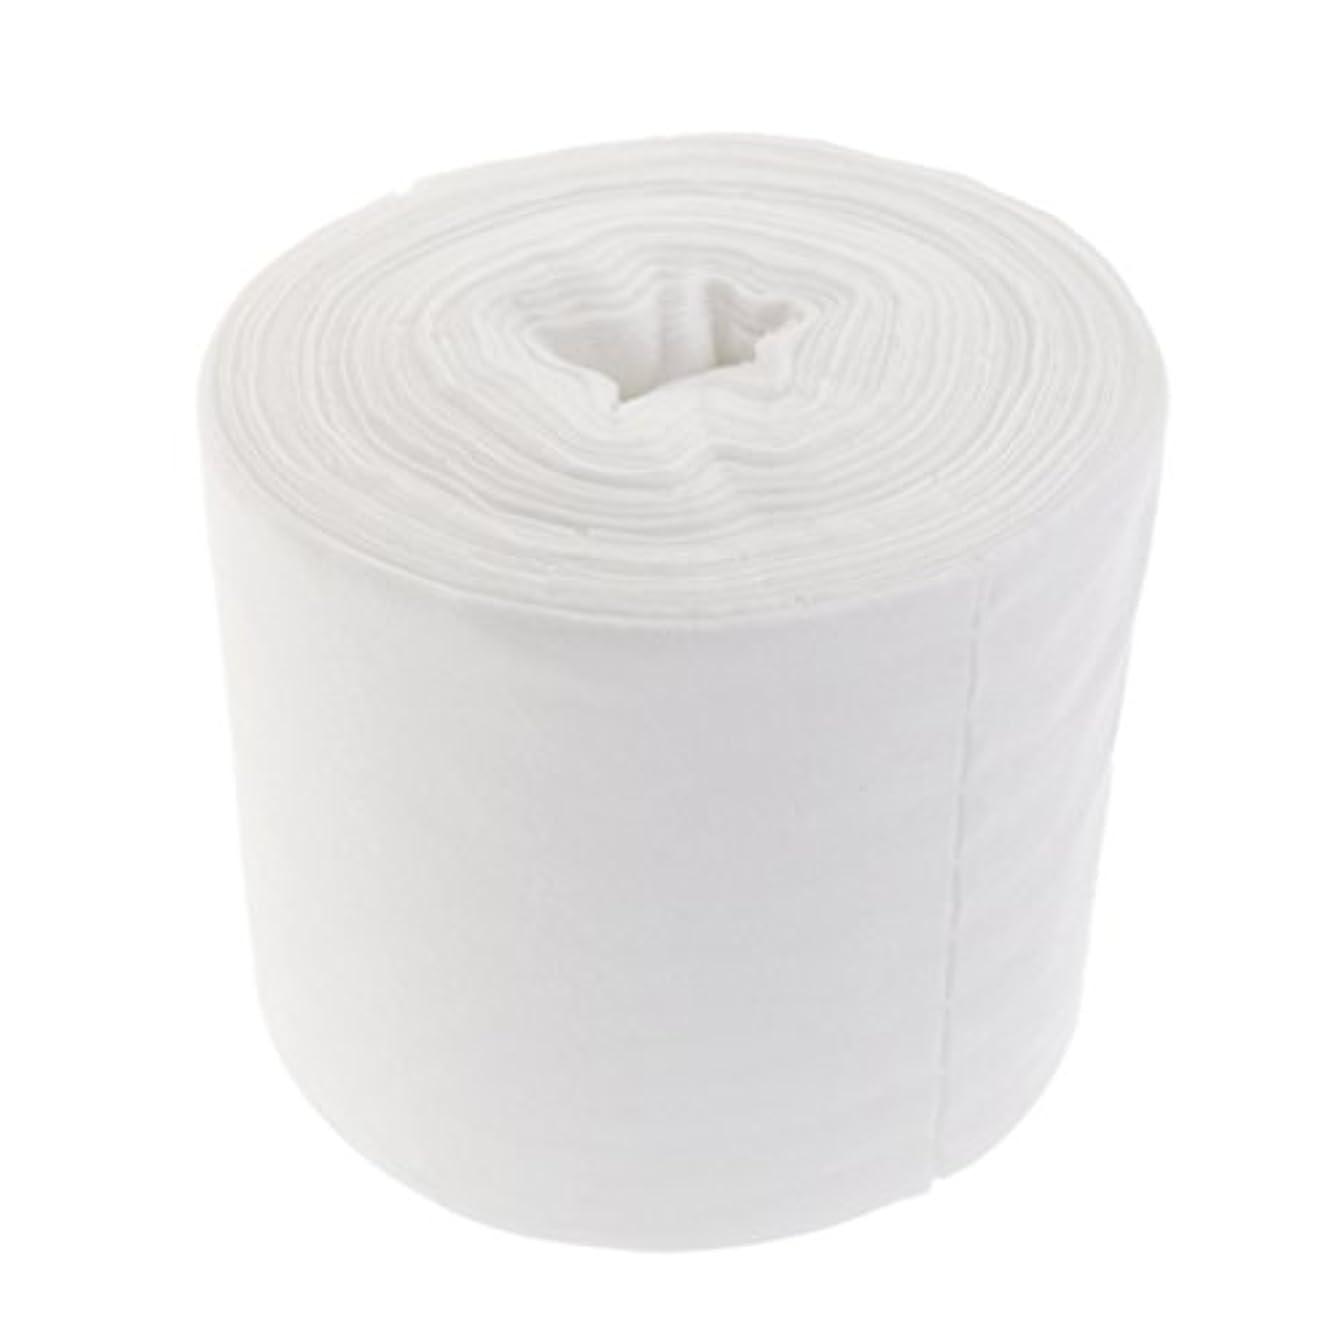 サイドボード摂氏達成可能洗顔 クリーニング 清潔 フェイシャルタオル 柔らかい スキンケア 30M